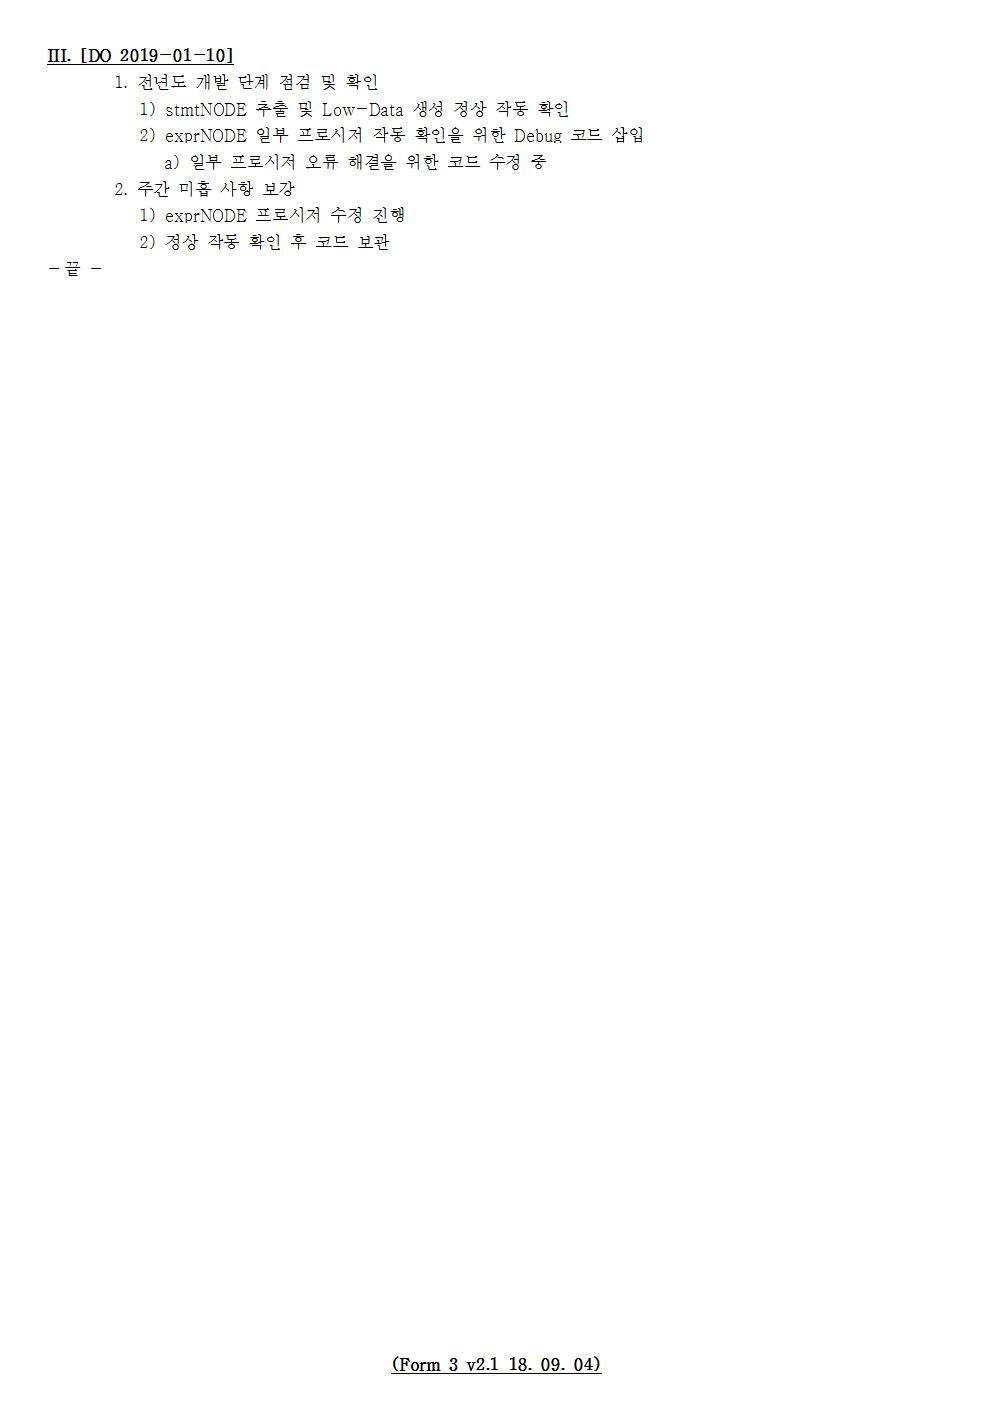 D-[19-003-RD-03]-[Tool-SRRE-1.X]-[2019-01-10][JS]002.jpg